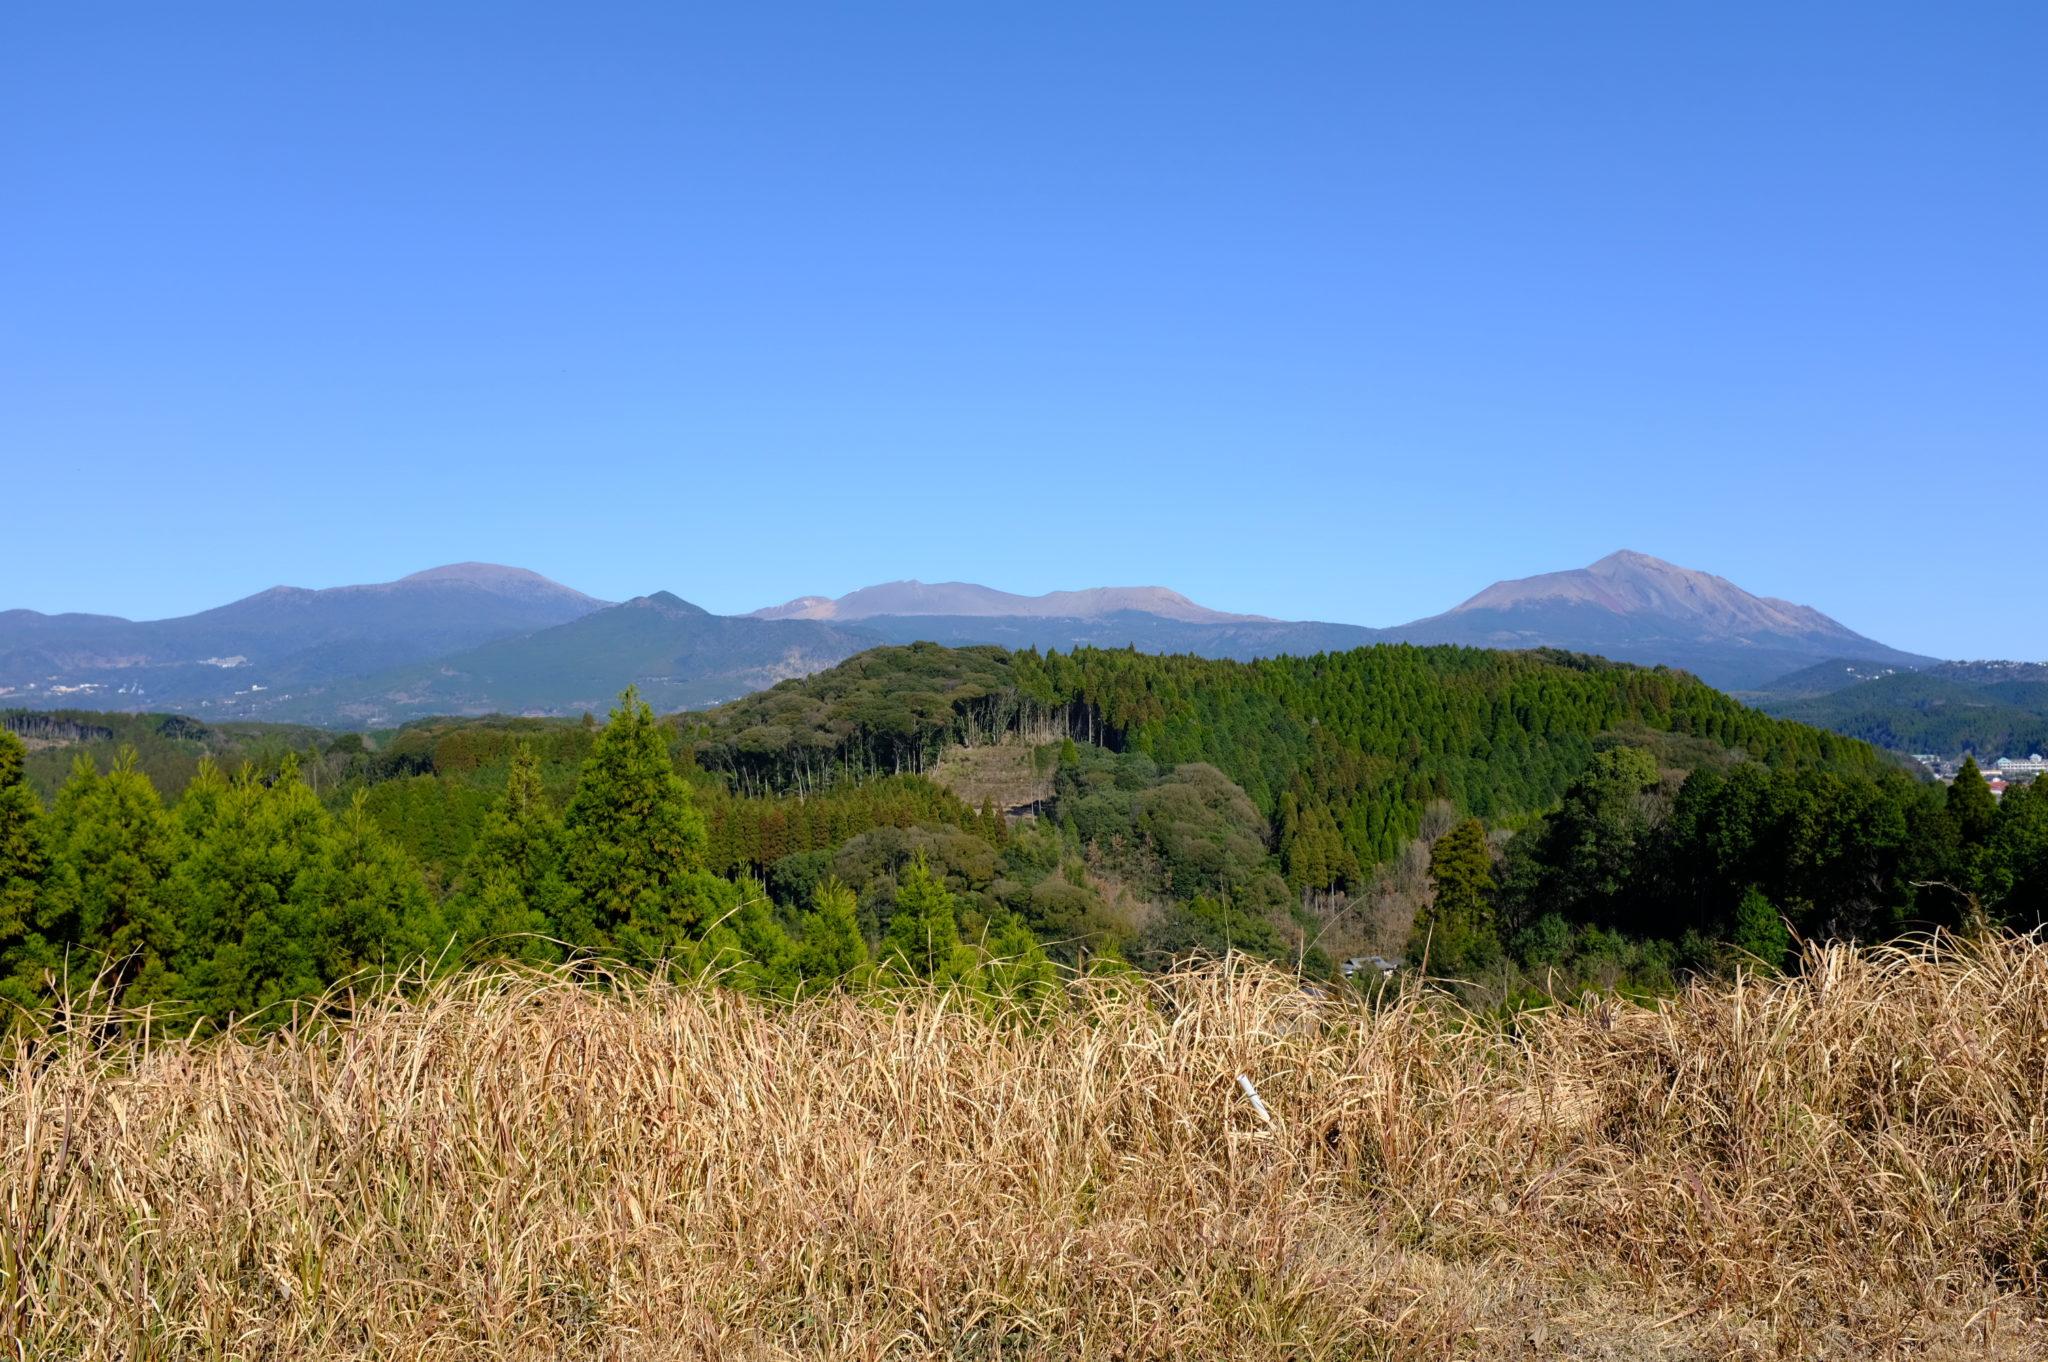 Blick auf die Berge von Kirishima